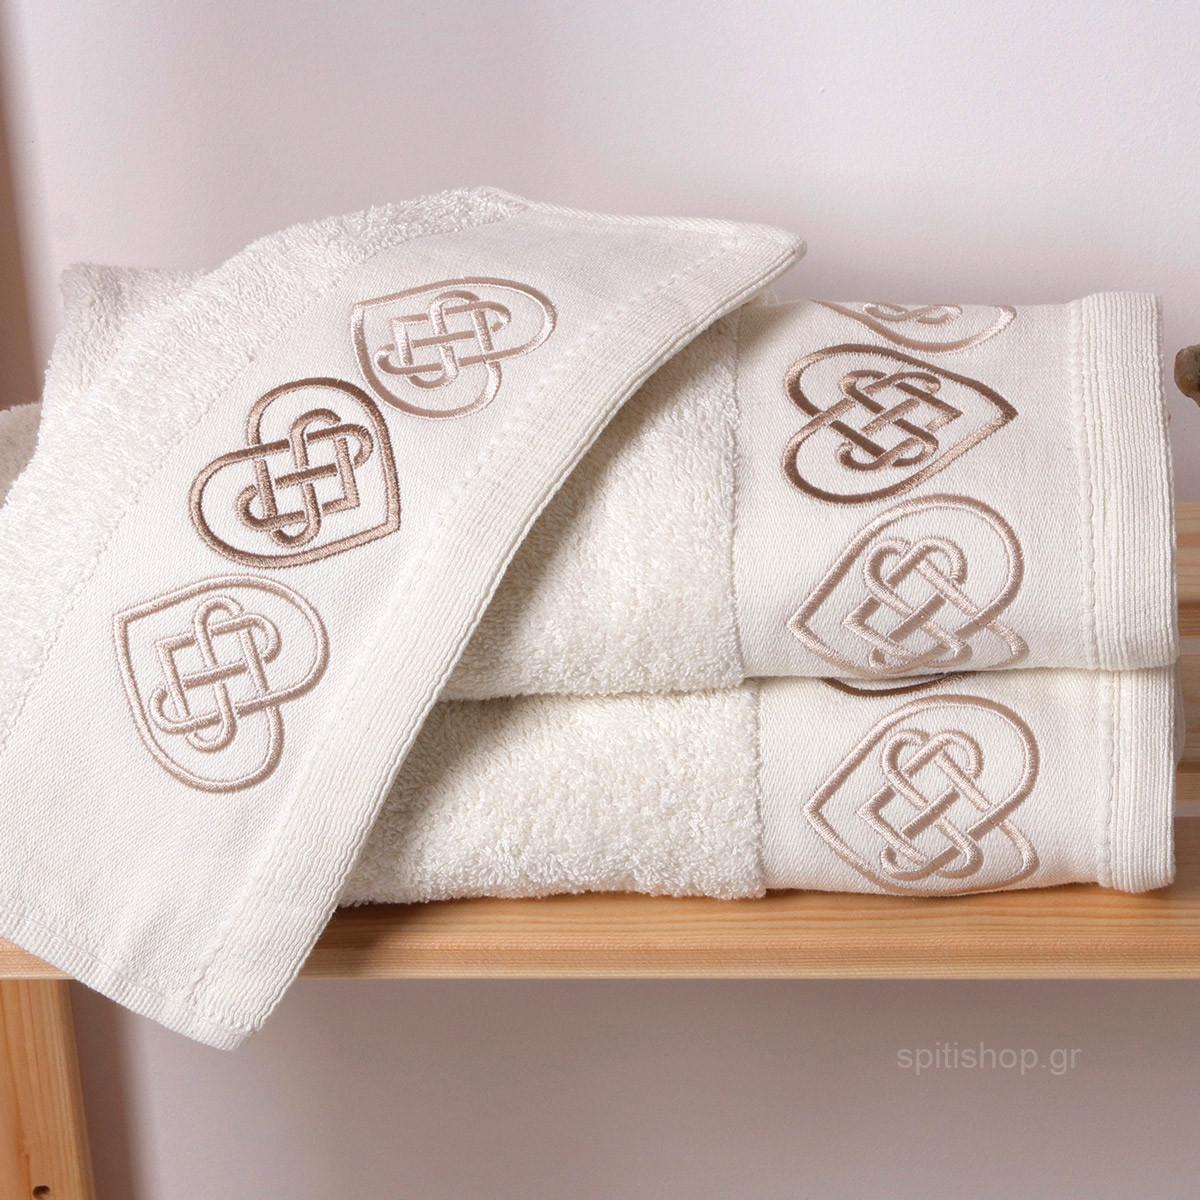 Πετσέτες Μπάνιου (Σετ 3τμχ) Sb Home Hearts Cream